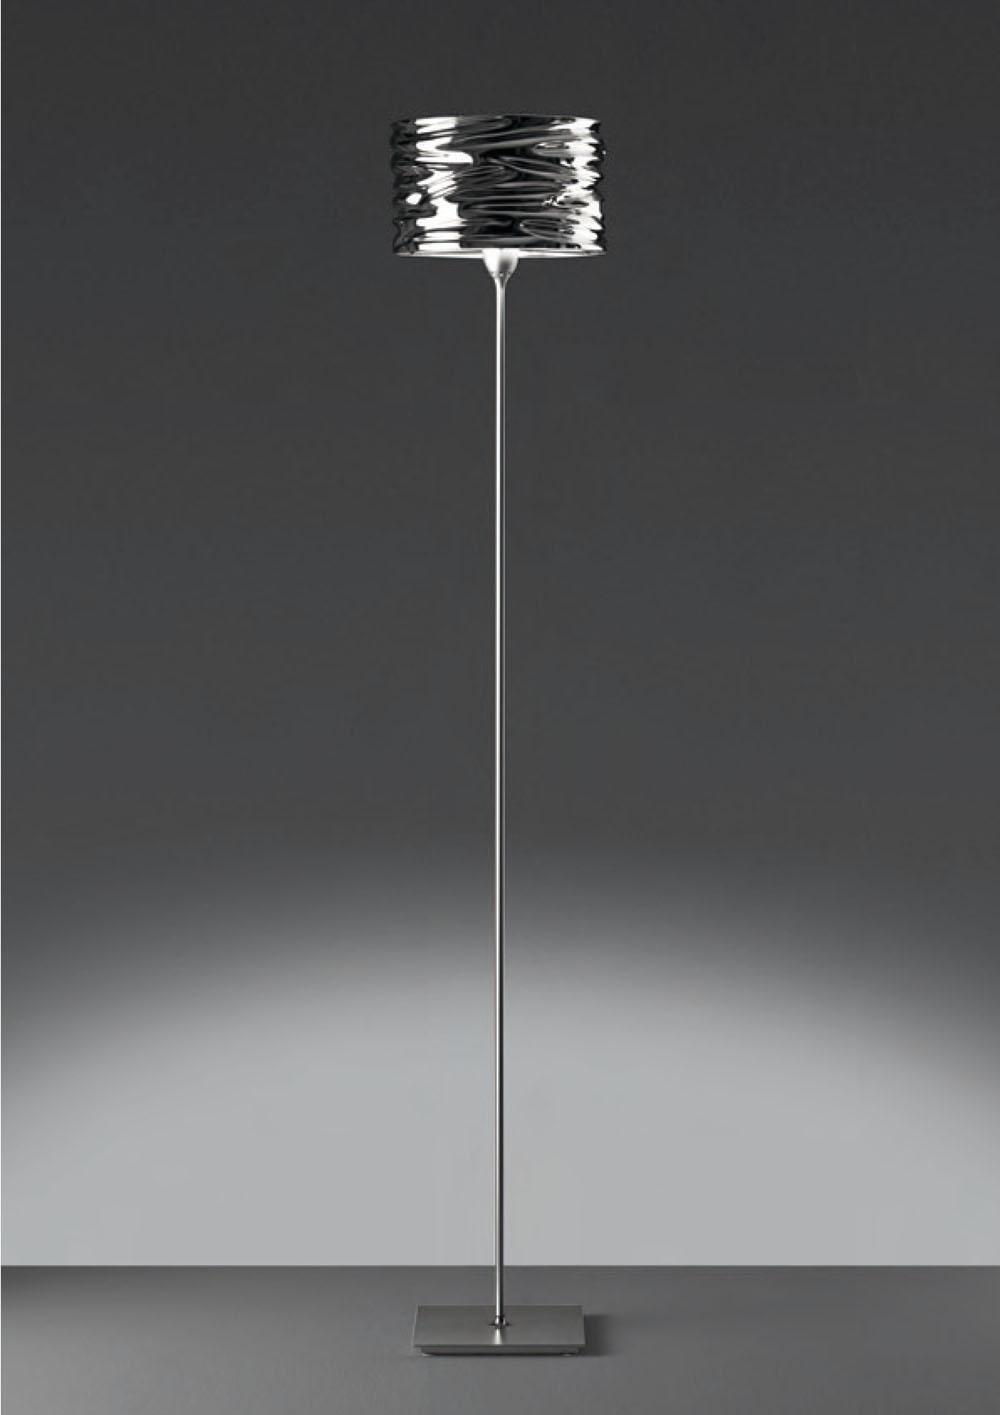 Lampade da terra artemide - Tutte le offerte : Cascare a Fagiolo